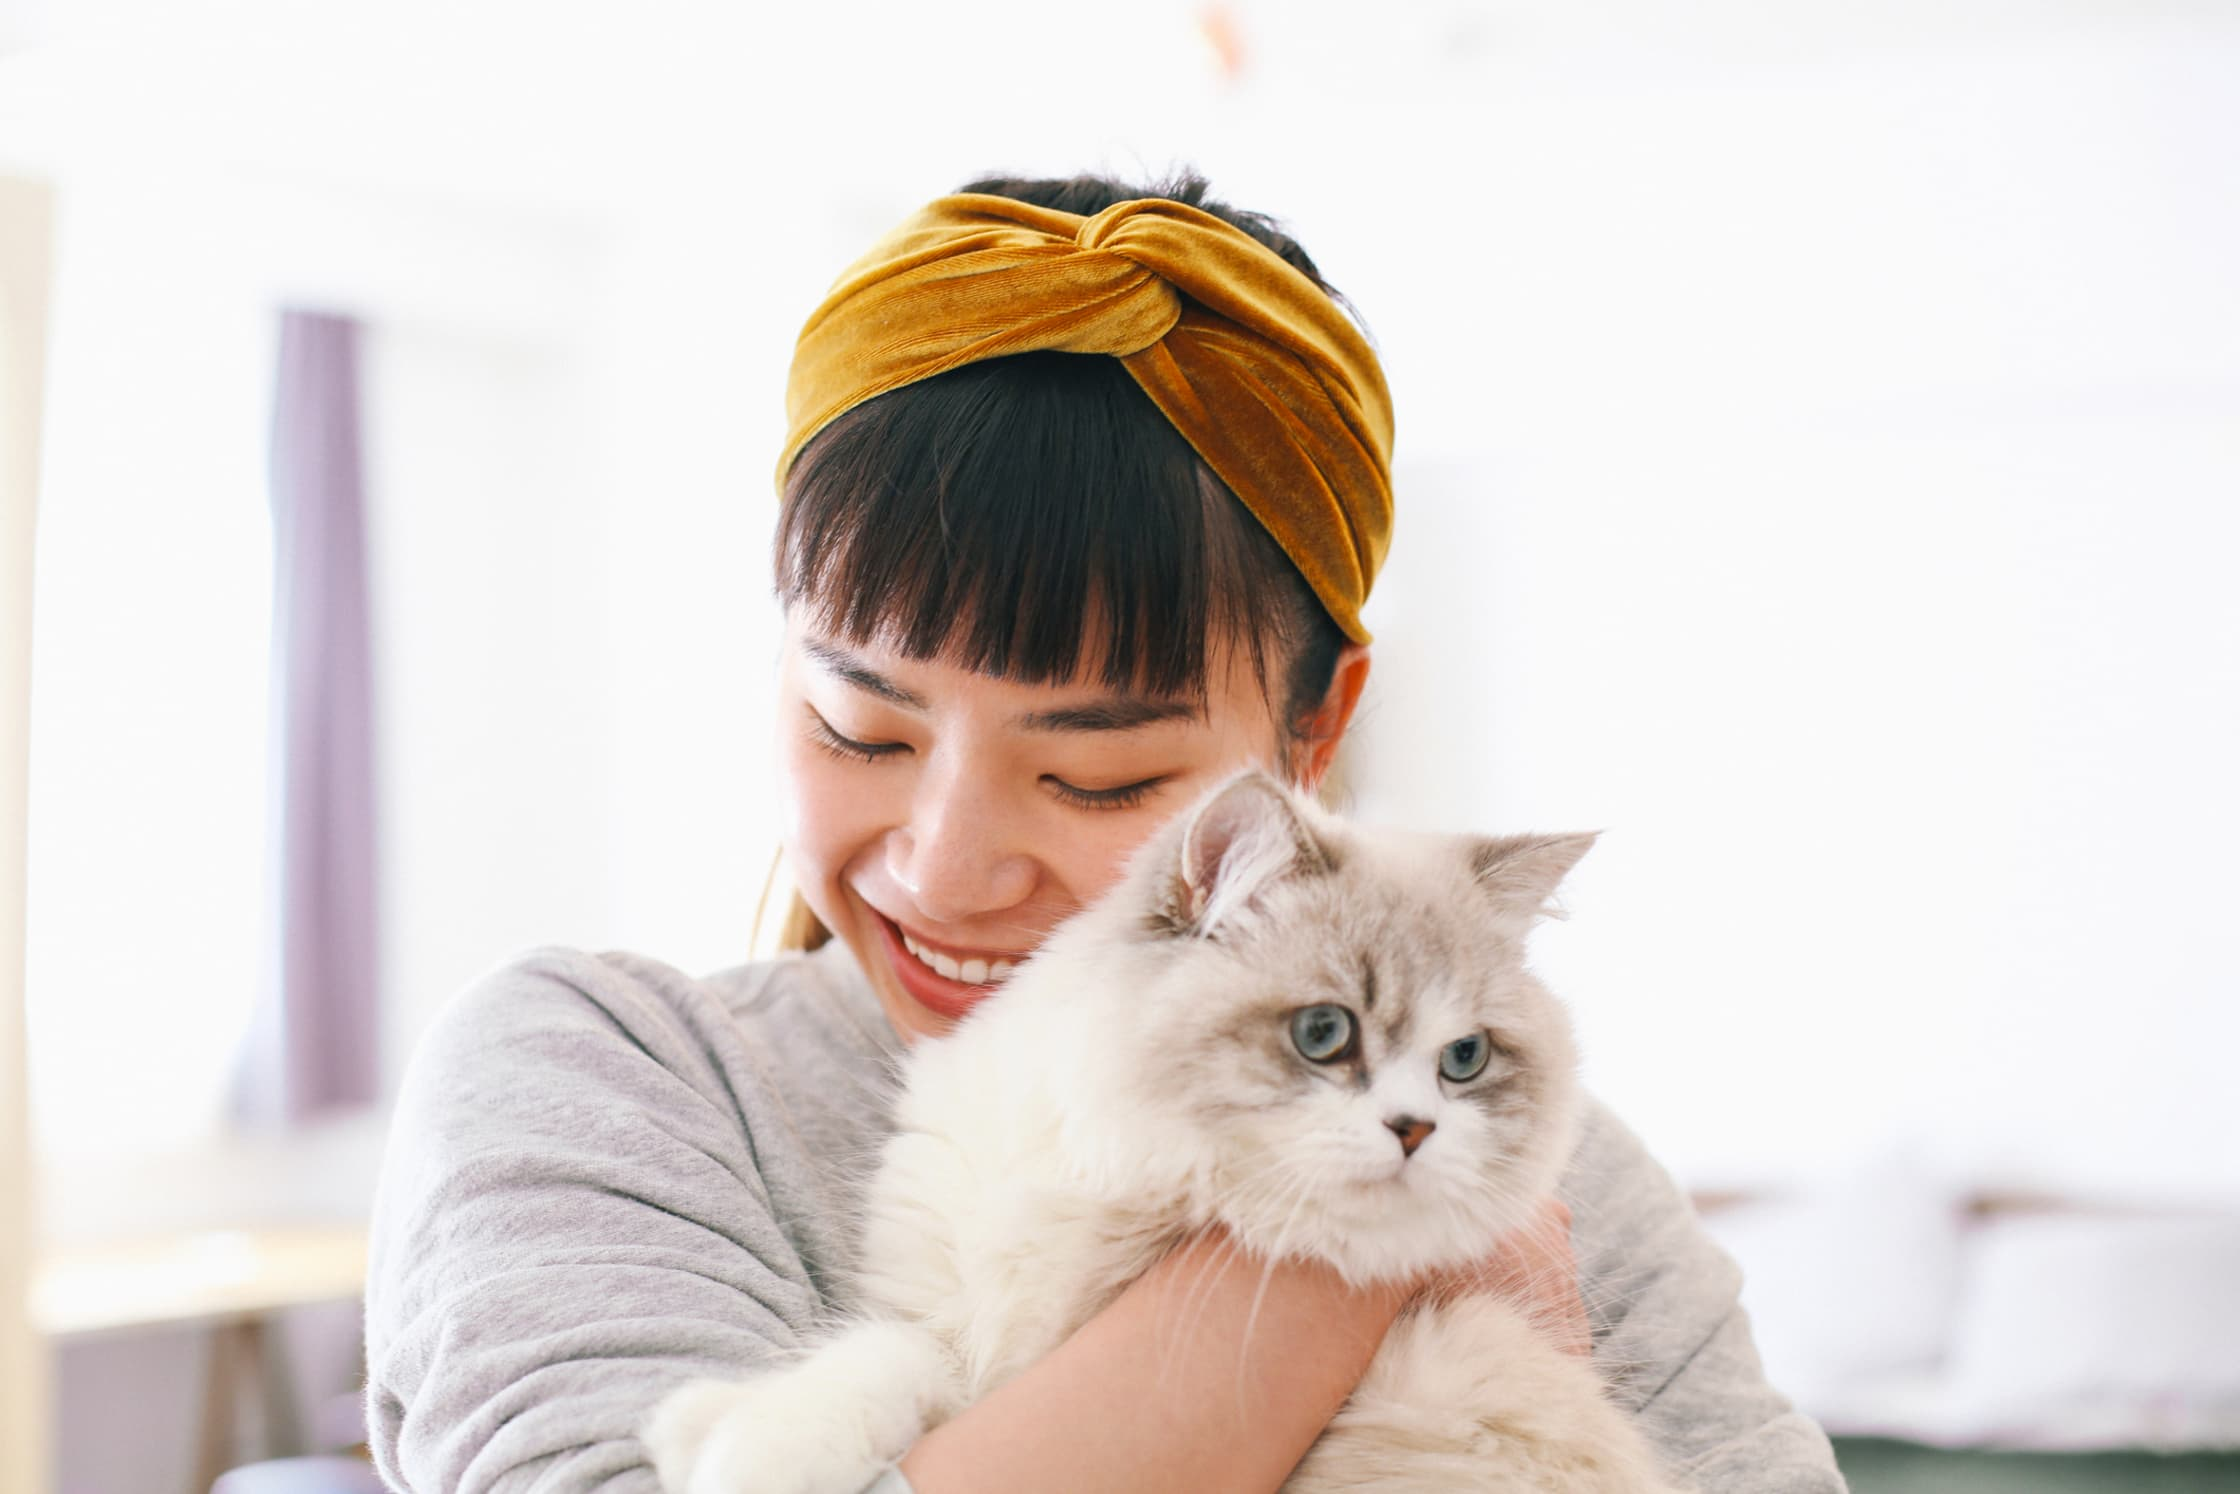 asian-millennial-woman-with-mustard-velvet-headband-holding-fluffy-pet-cat.jpg